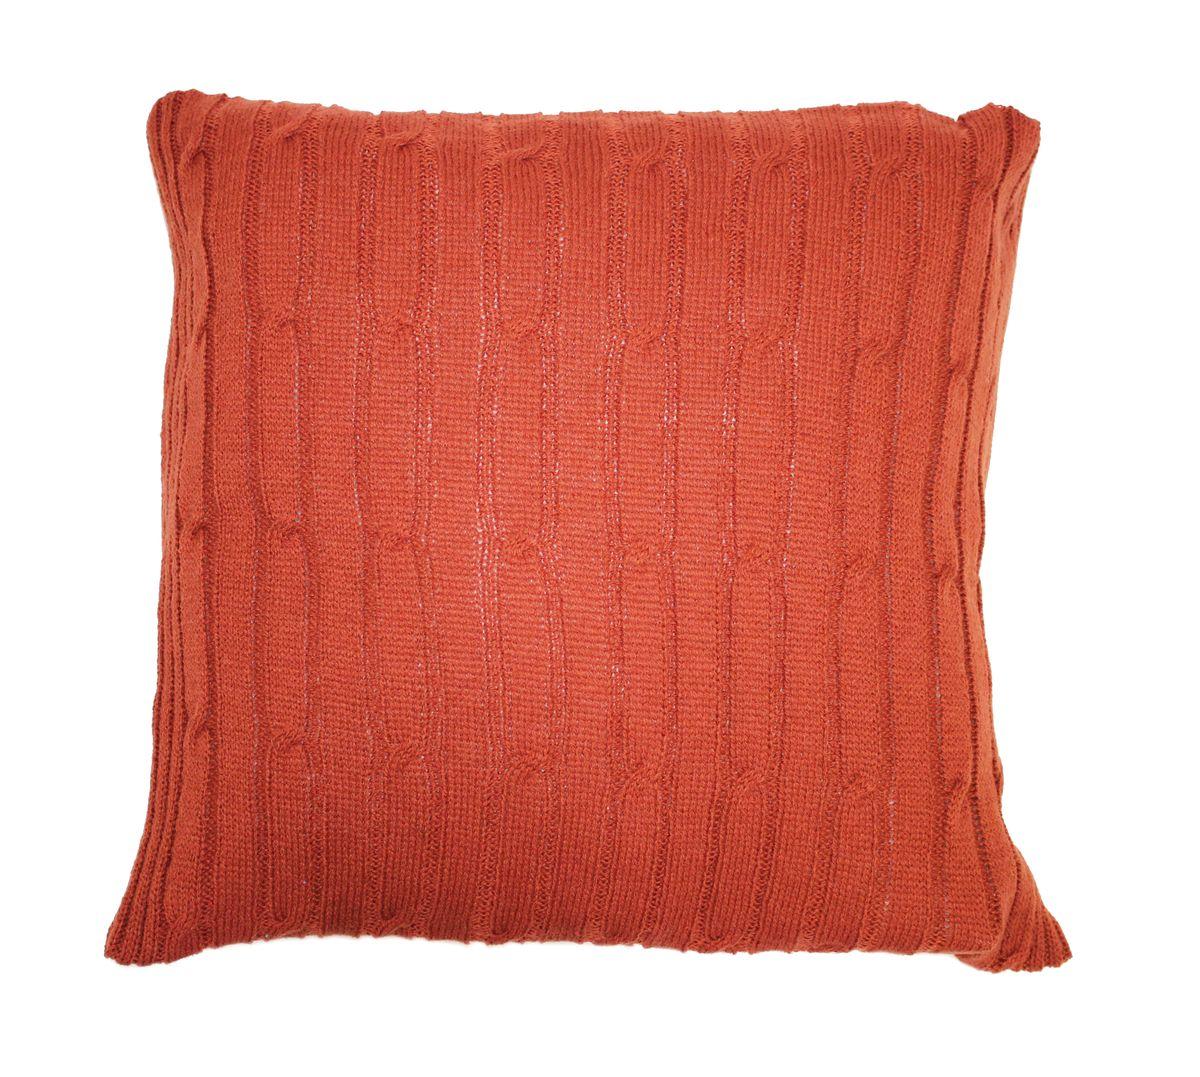 Подушка декоративная Proffi Home Косы, цвет: терракотовый, 40 х 40 смPH3671Подушка Proffi Home Косы не оставит равнодушным тех, кто ценит качество и комфорт. Изделие выполнено из качественного материала и оформлено оригинальной вязкой.